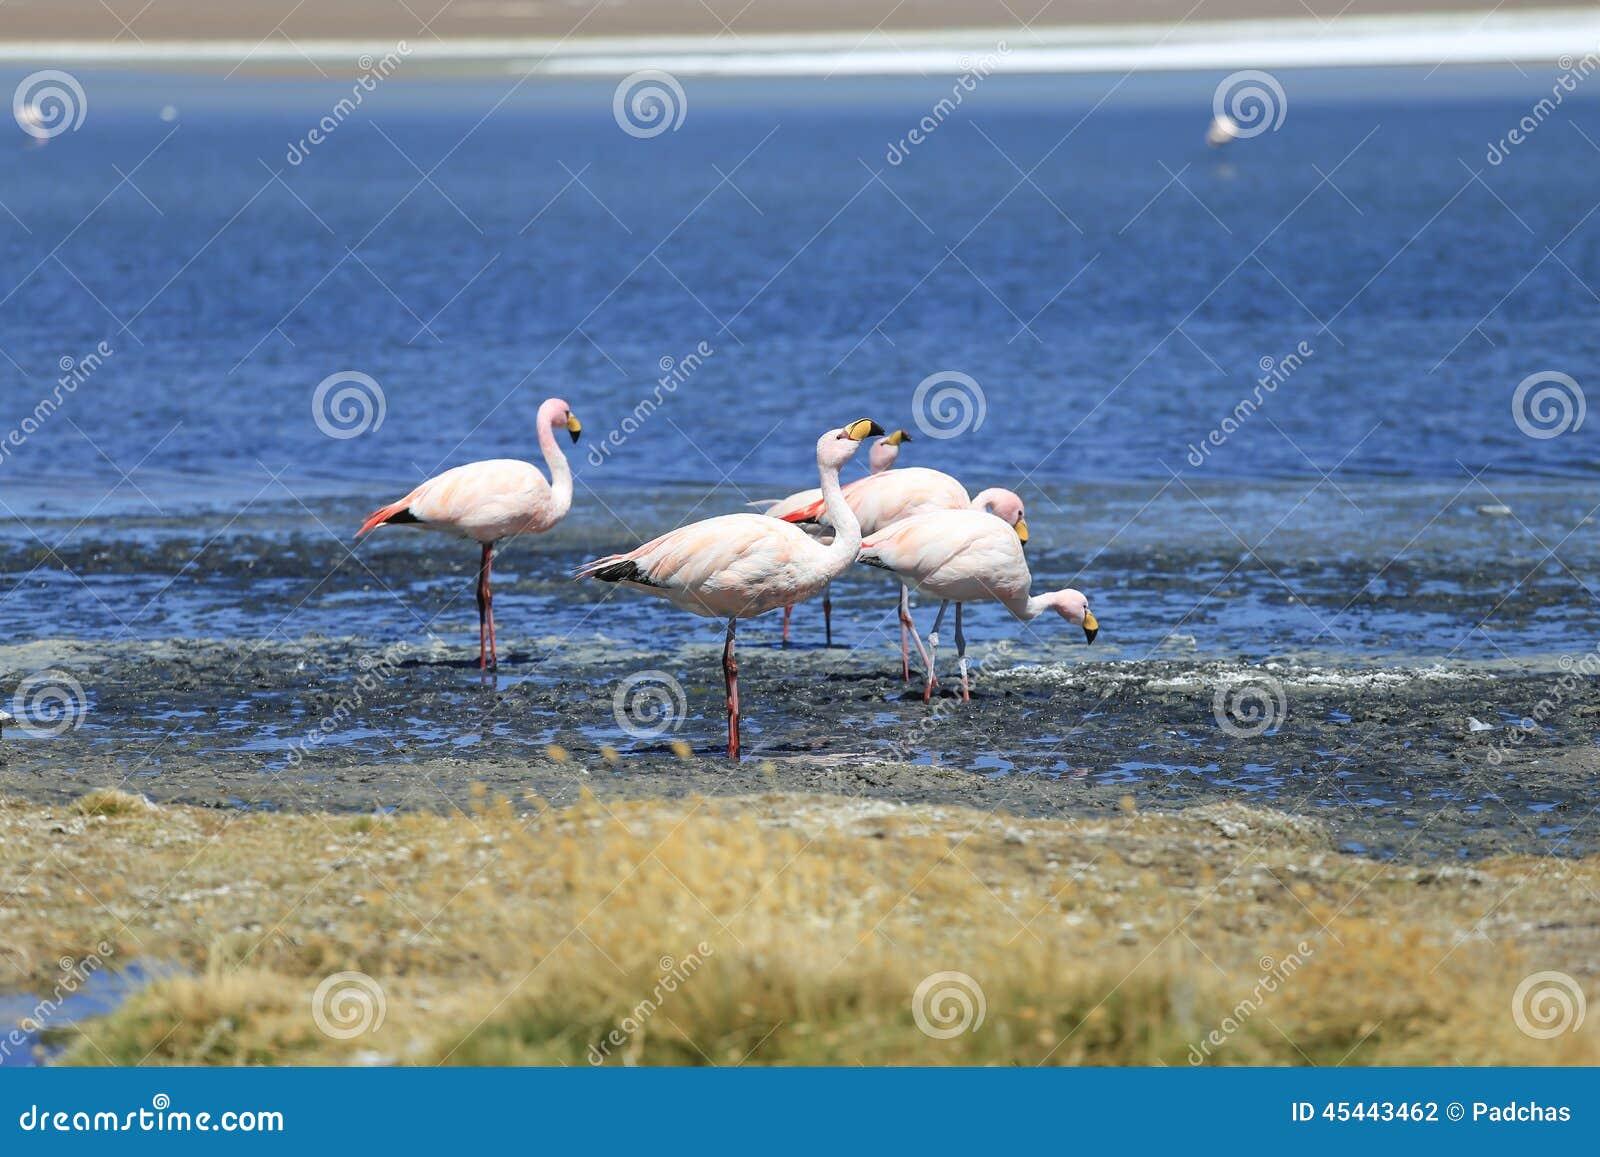 Flamingo no lago de sal, Bolívia